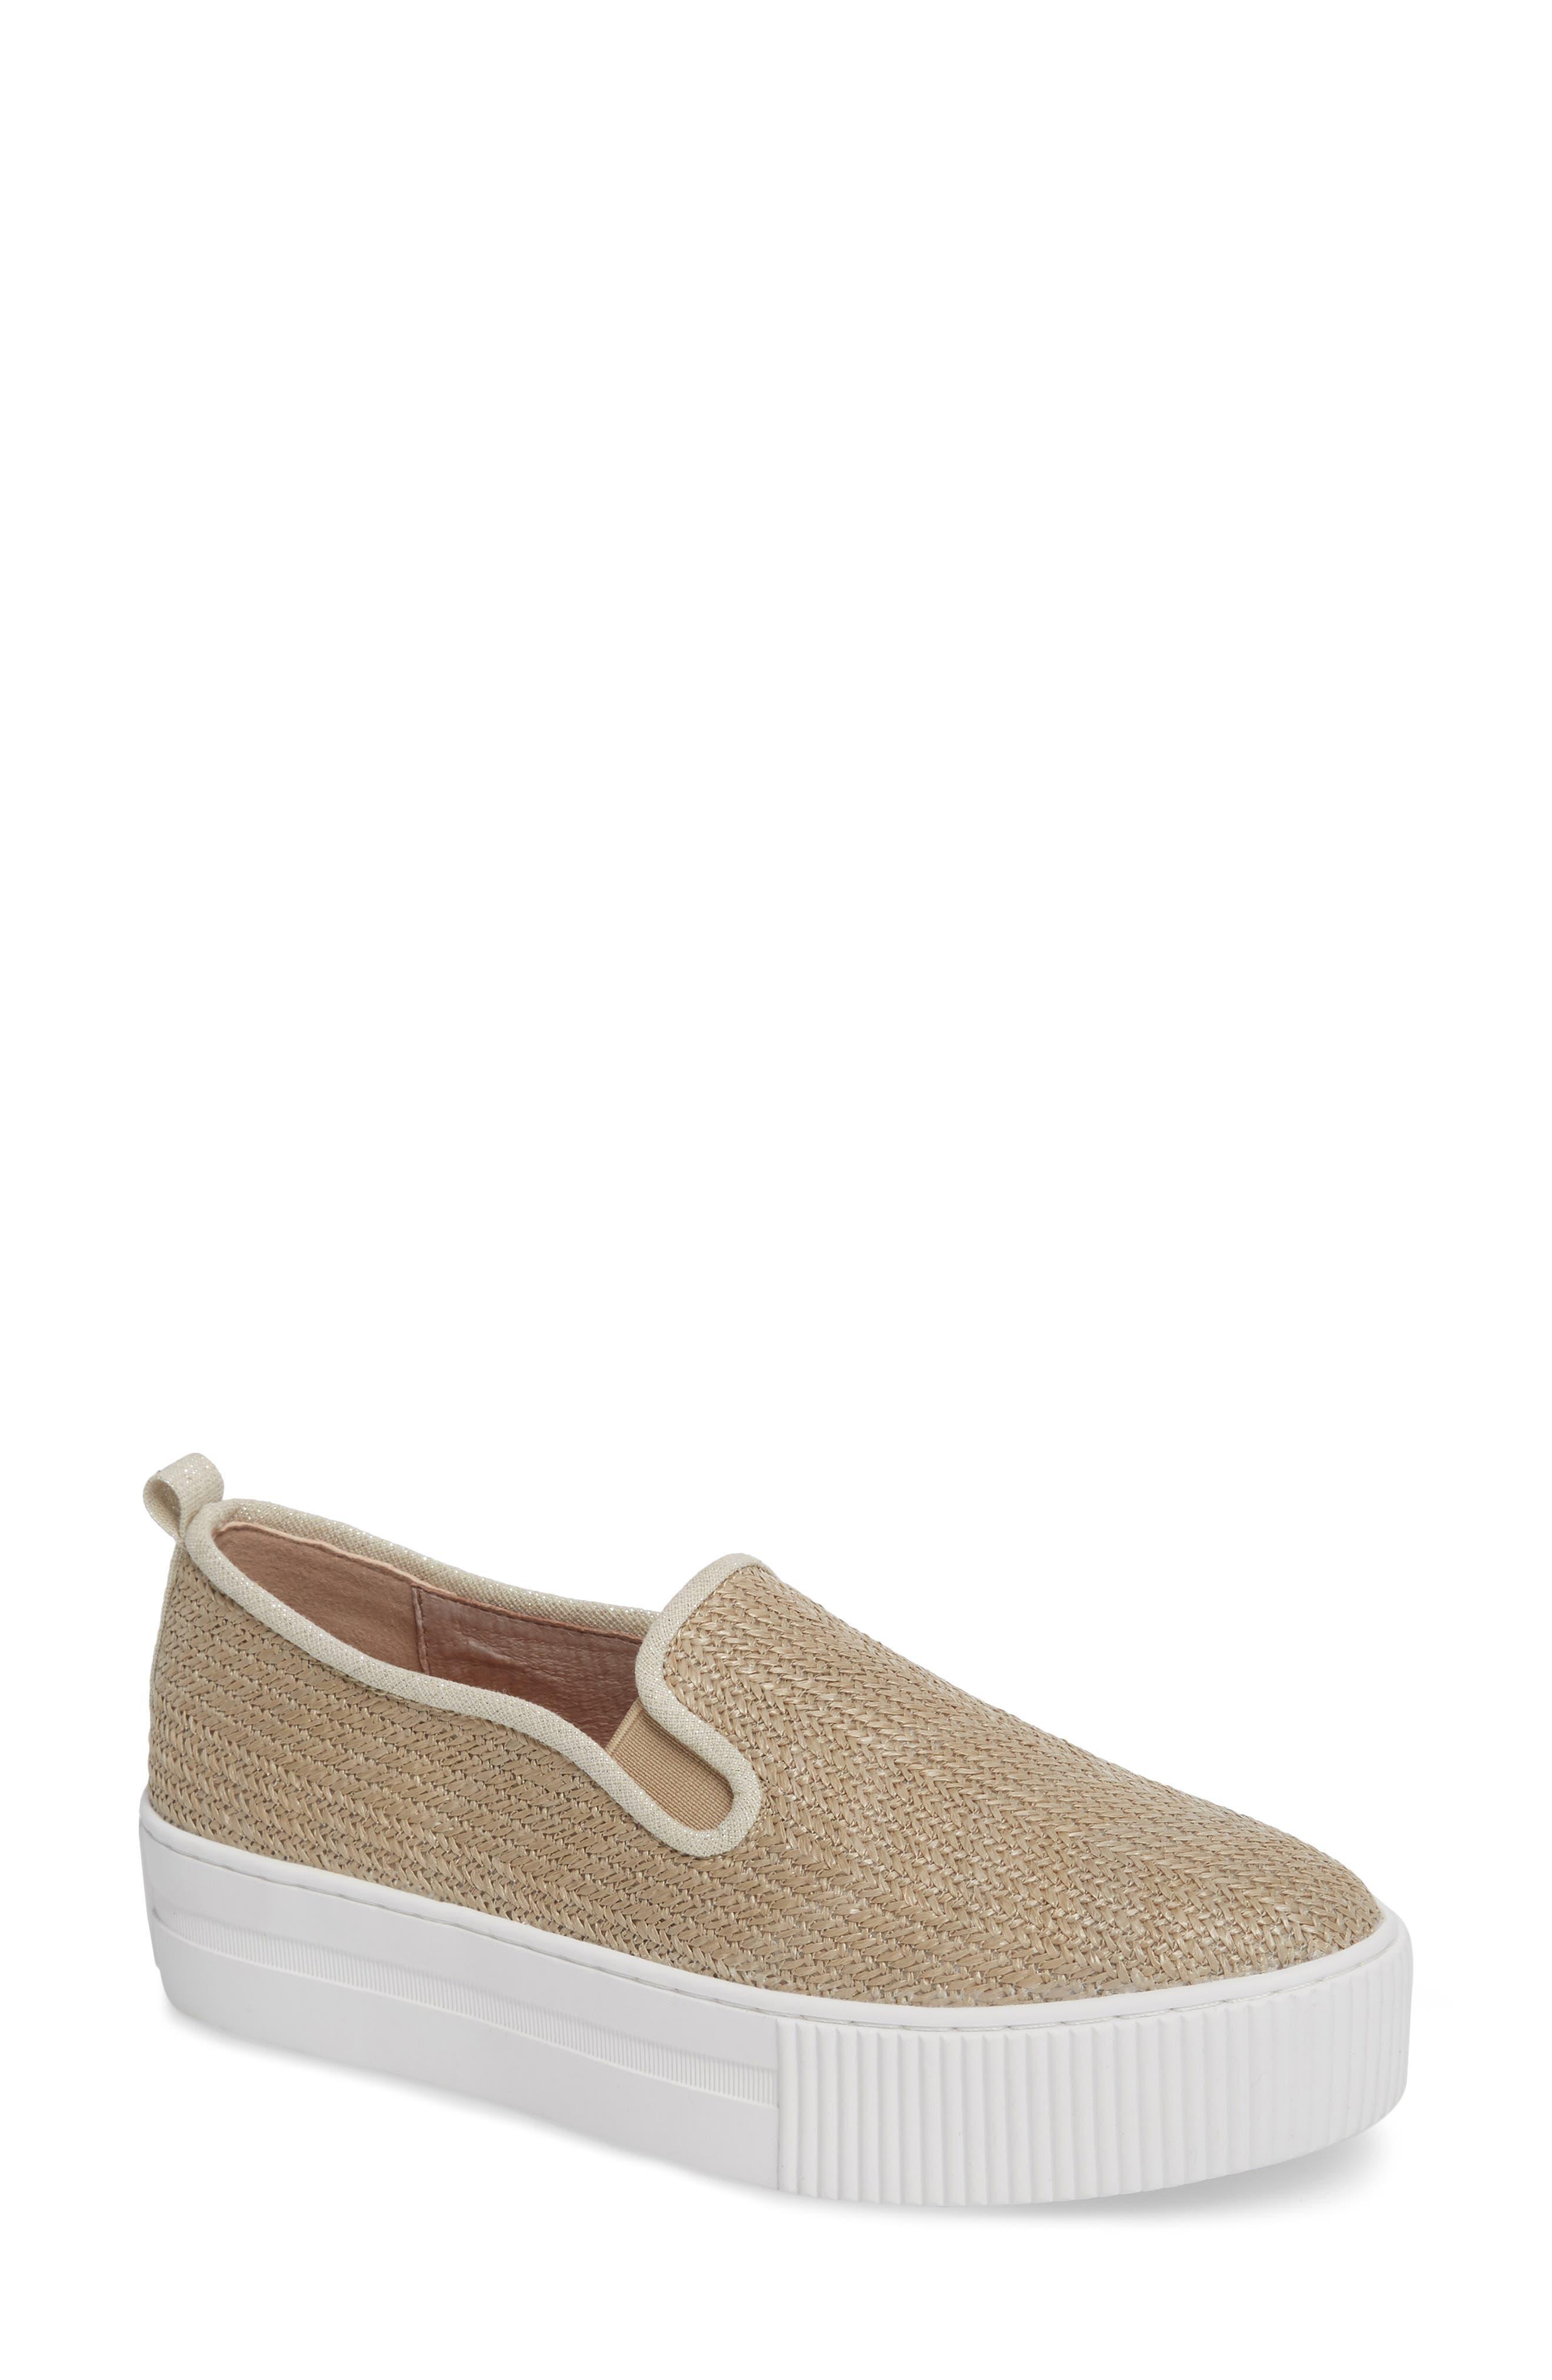 Baylee Platform Slip-On Sneaker,                         Main,                         color, Natural Raffia